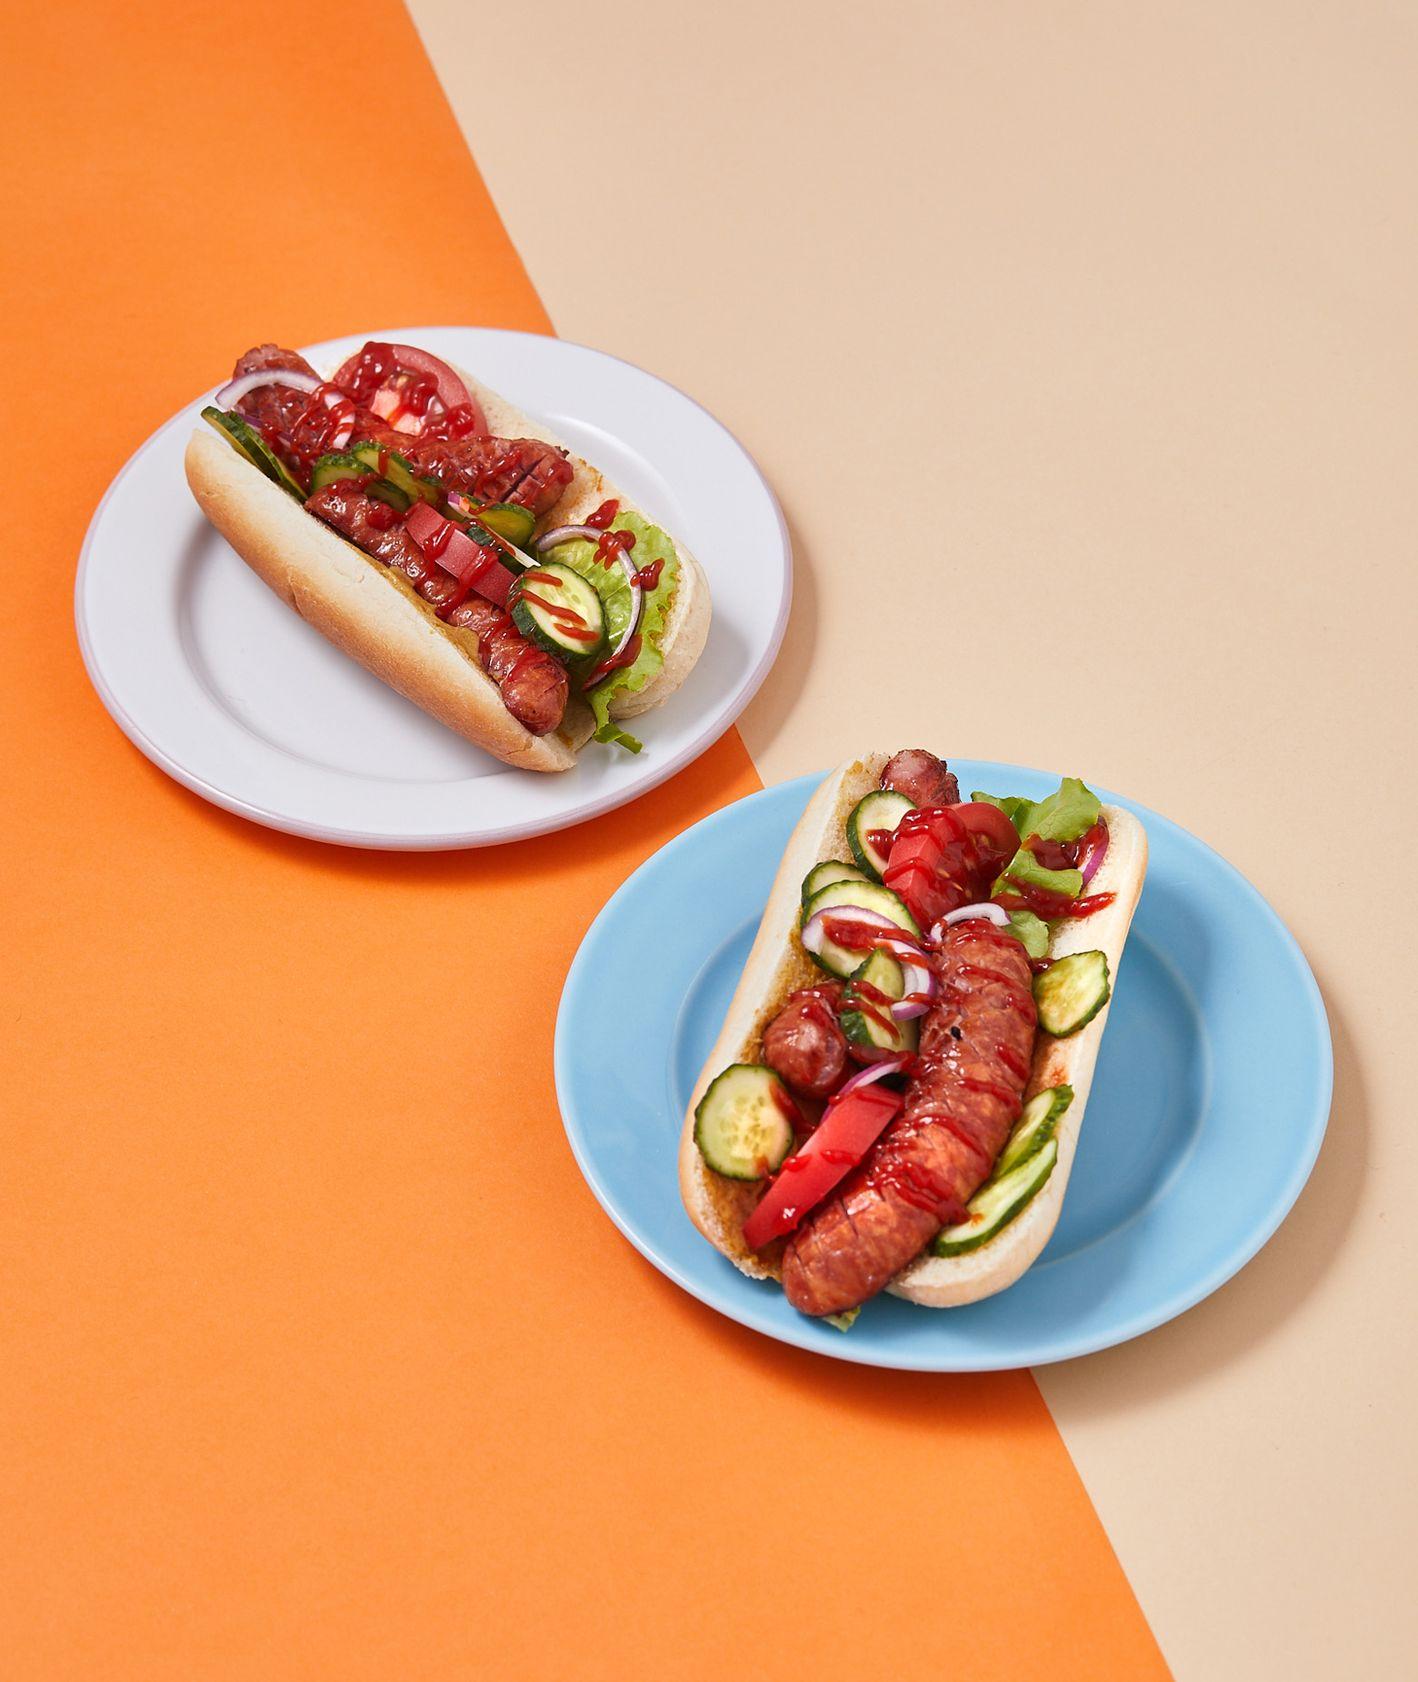 Polski hot dog z kiełbasą i świeżymi warzywami (fot. Maciek Niemojewski)